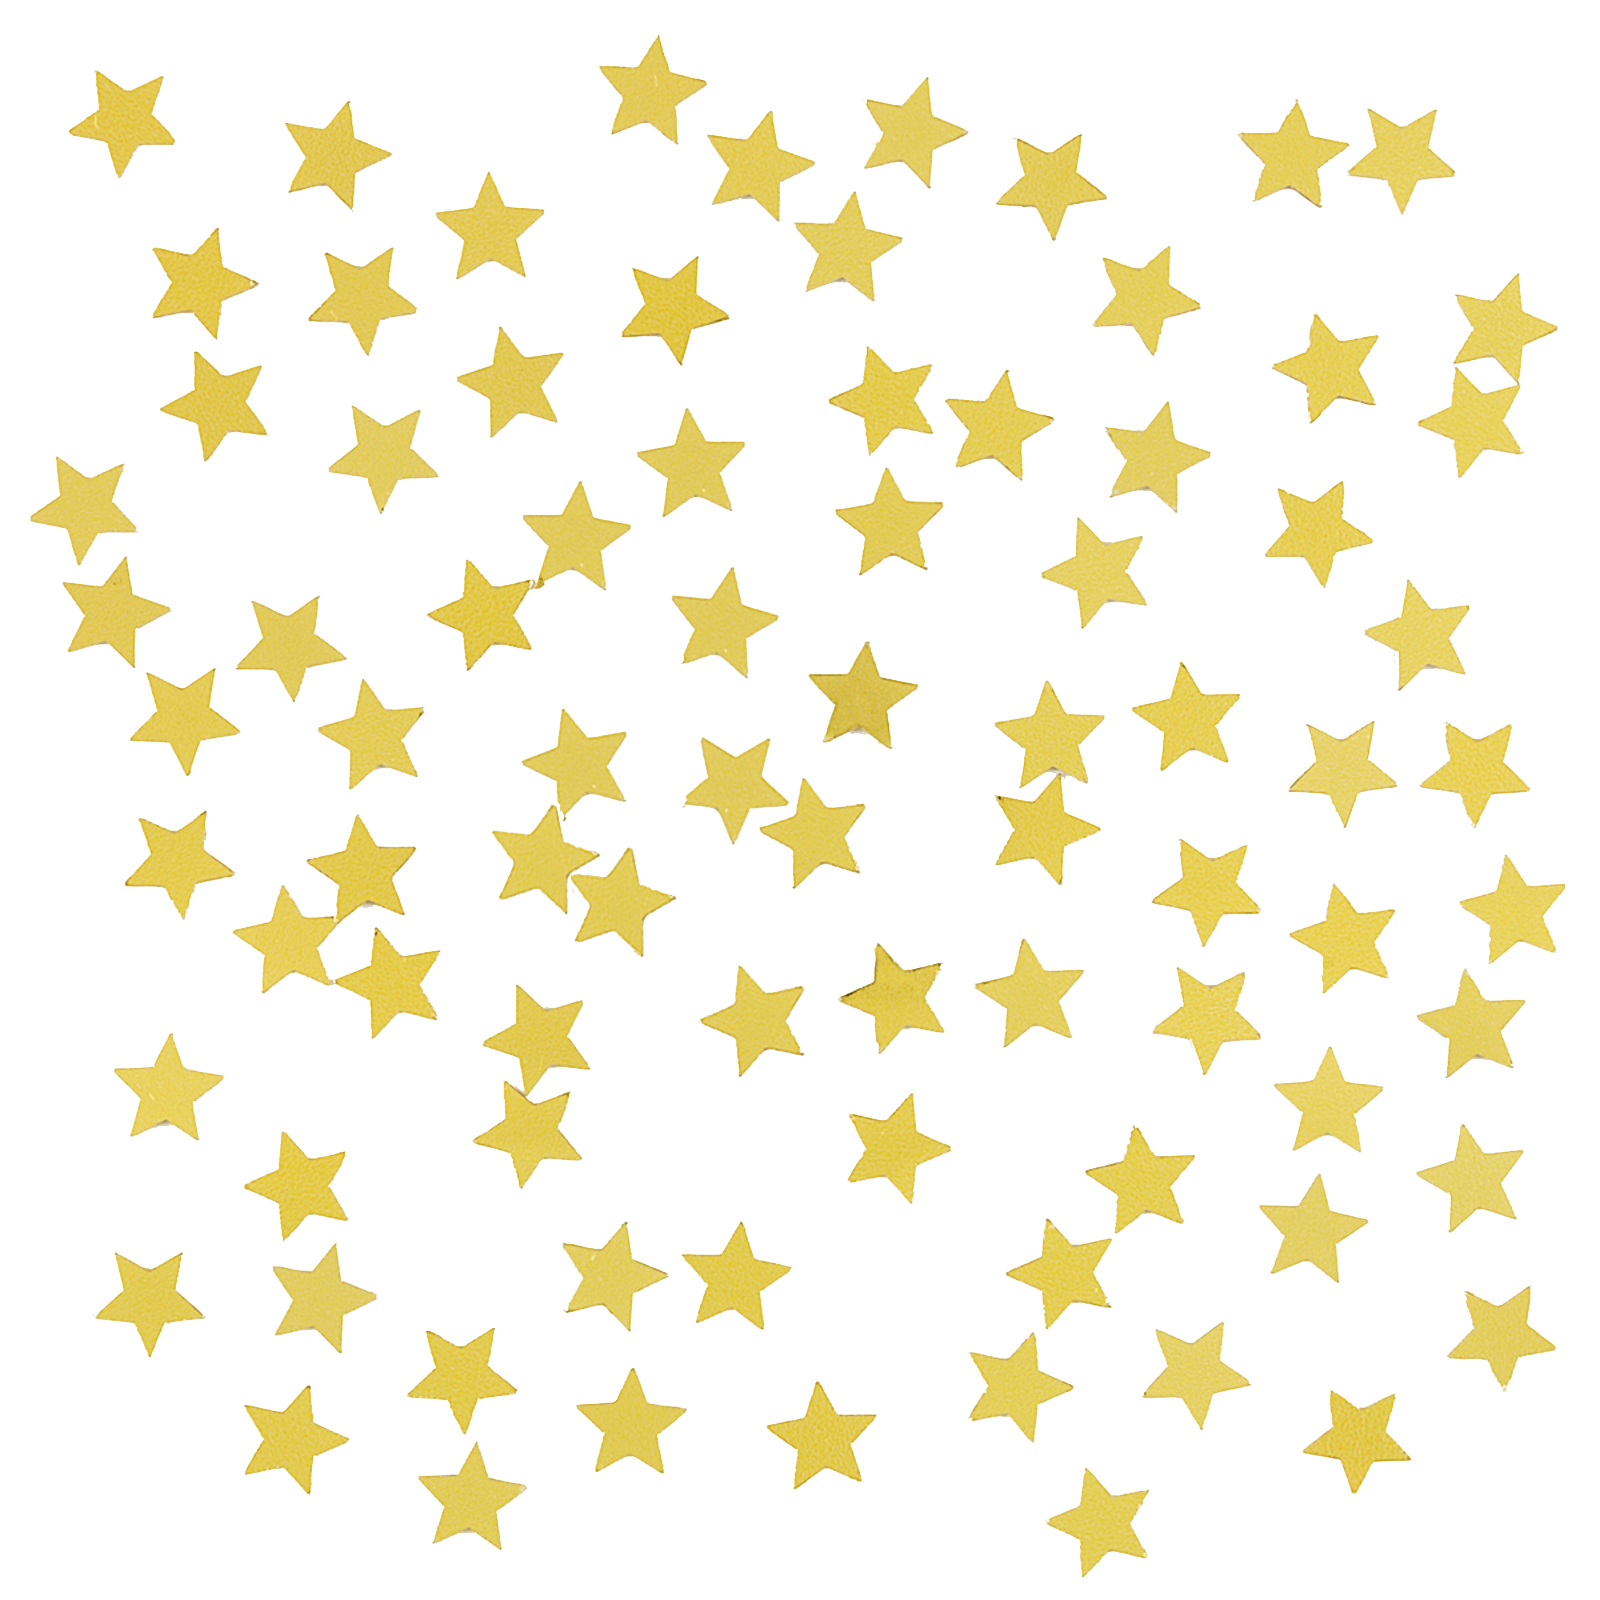 Clip art sticker png. Confetti clipart gold star